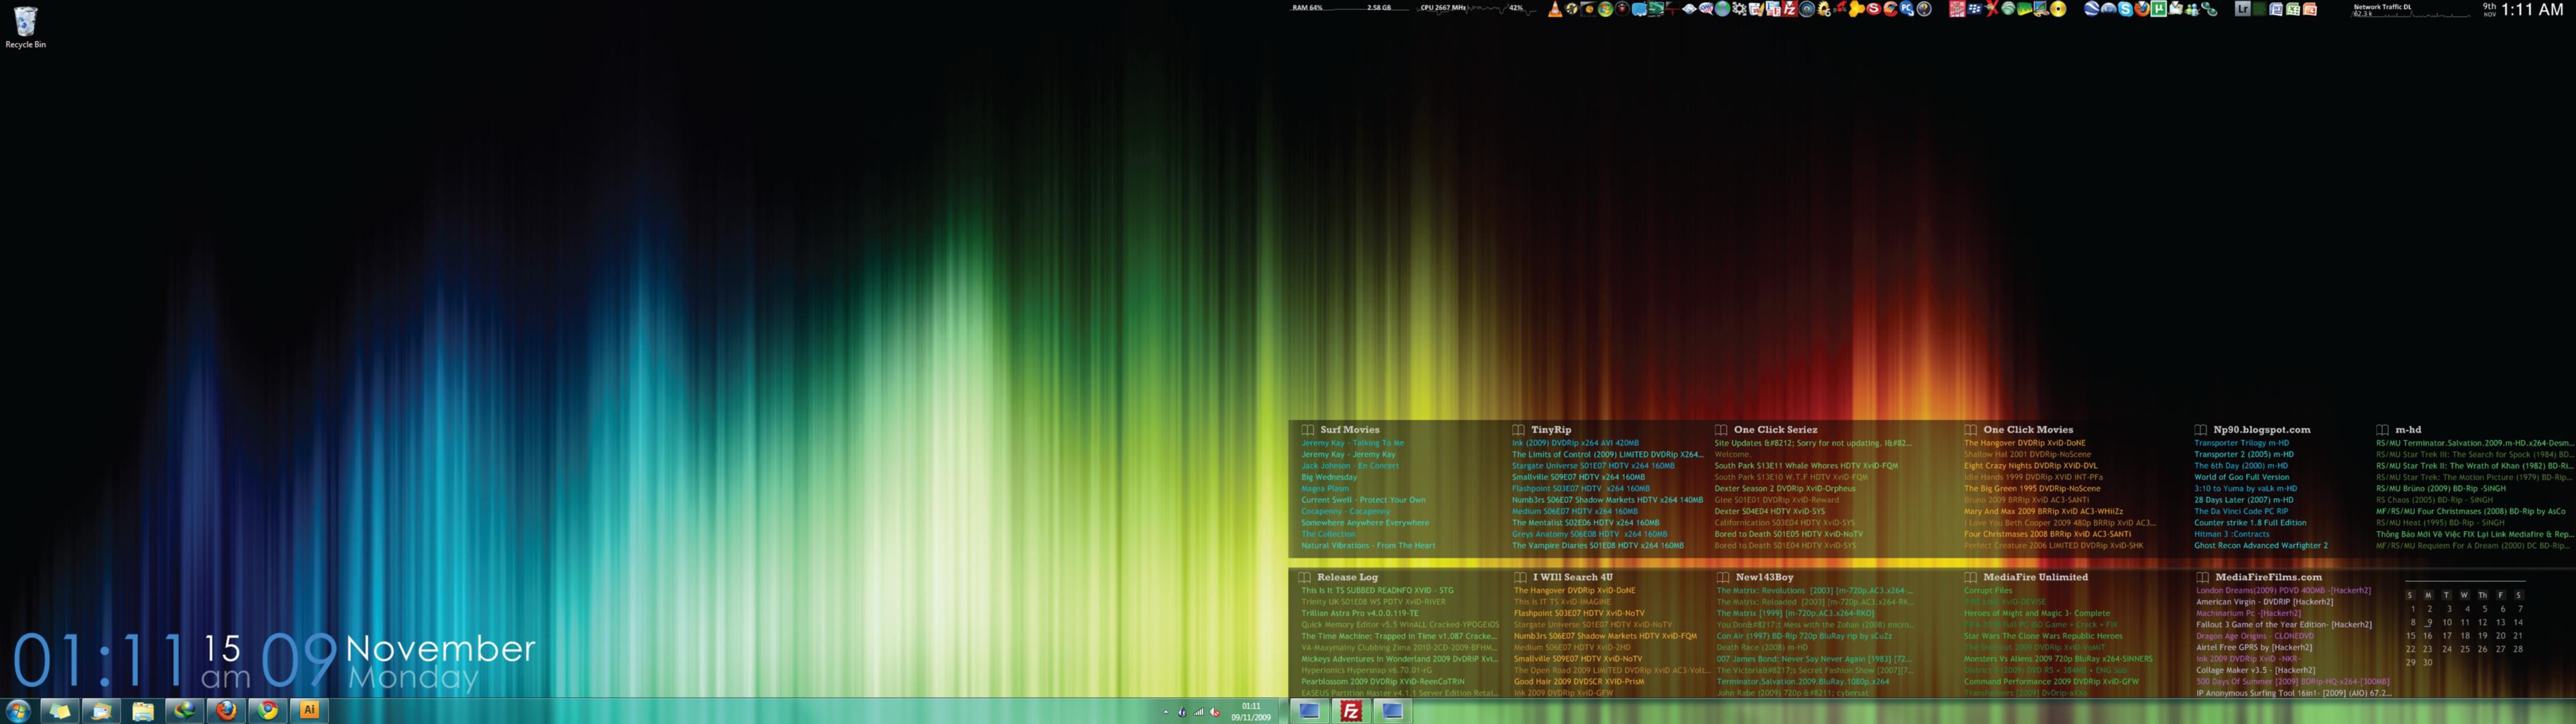 bengatleydeviantartcomartDual Screen Desktop Windows 7 142989272 3840x1080